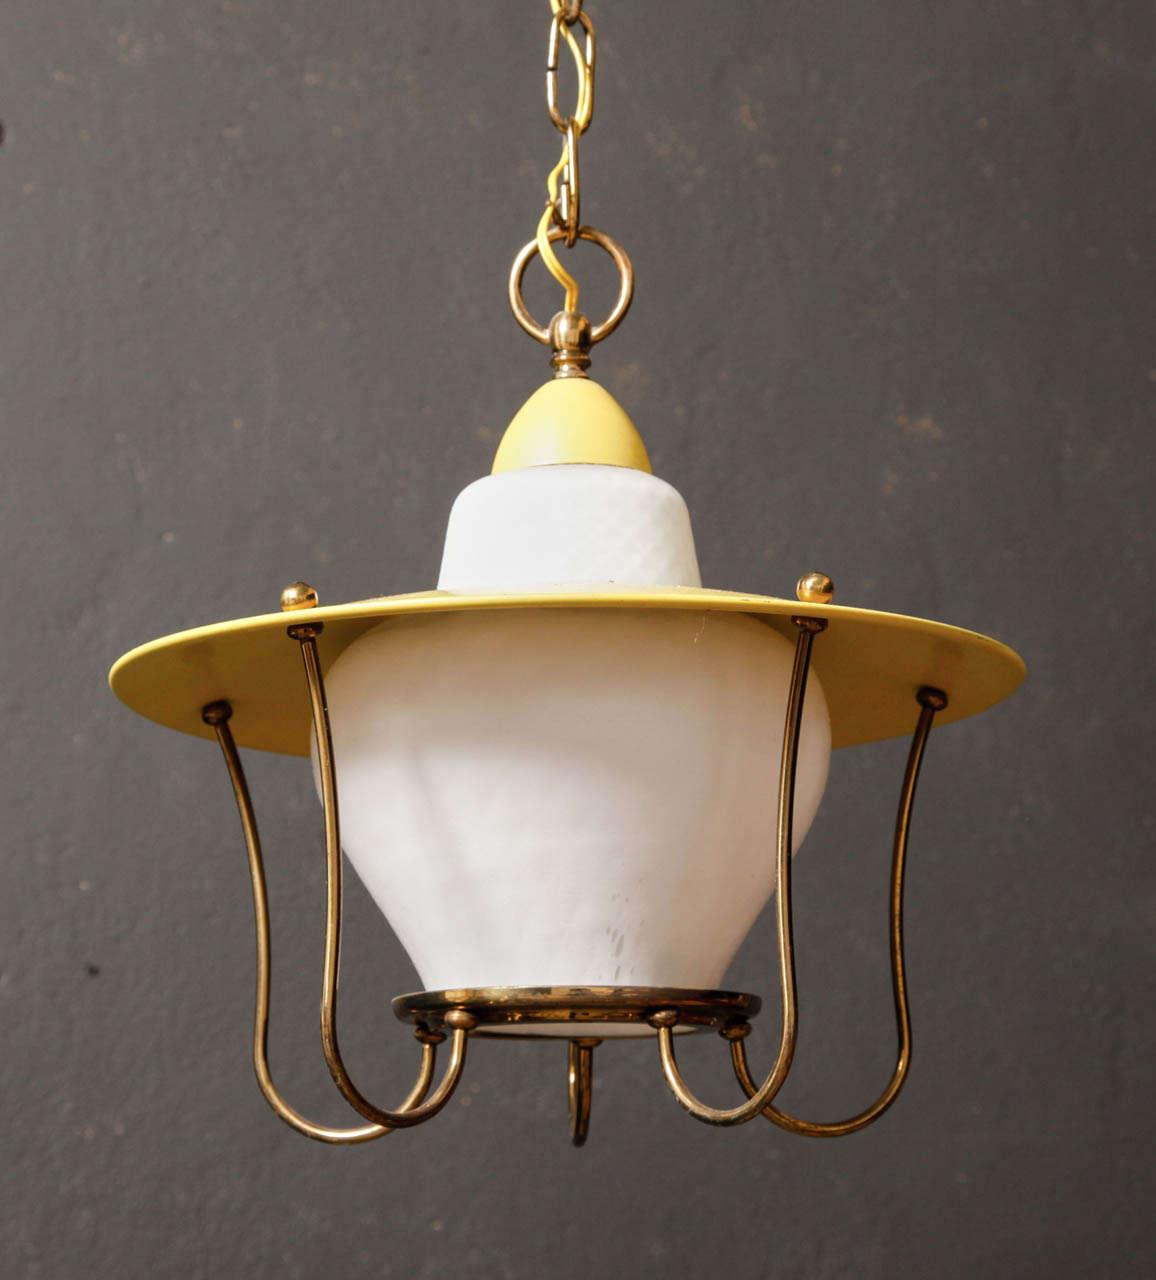 Whimsical 1950s Brass Pendant Light At 1stdibs